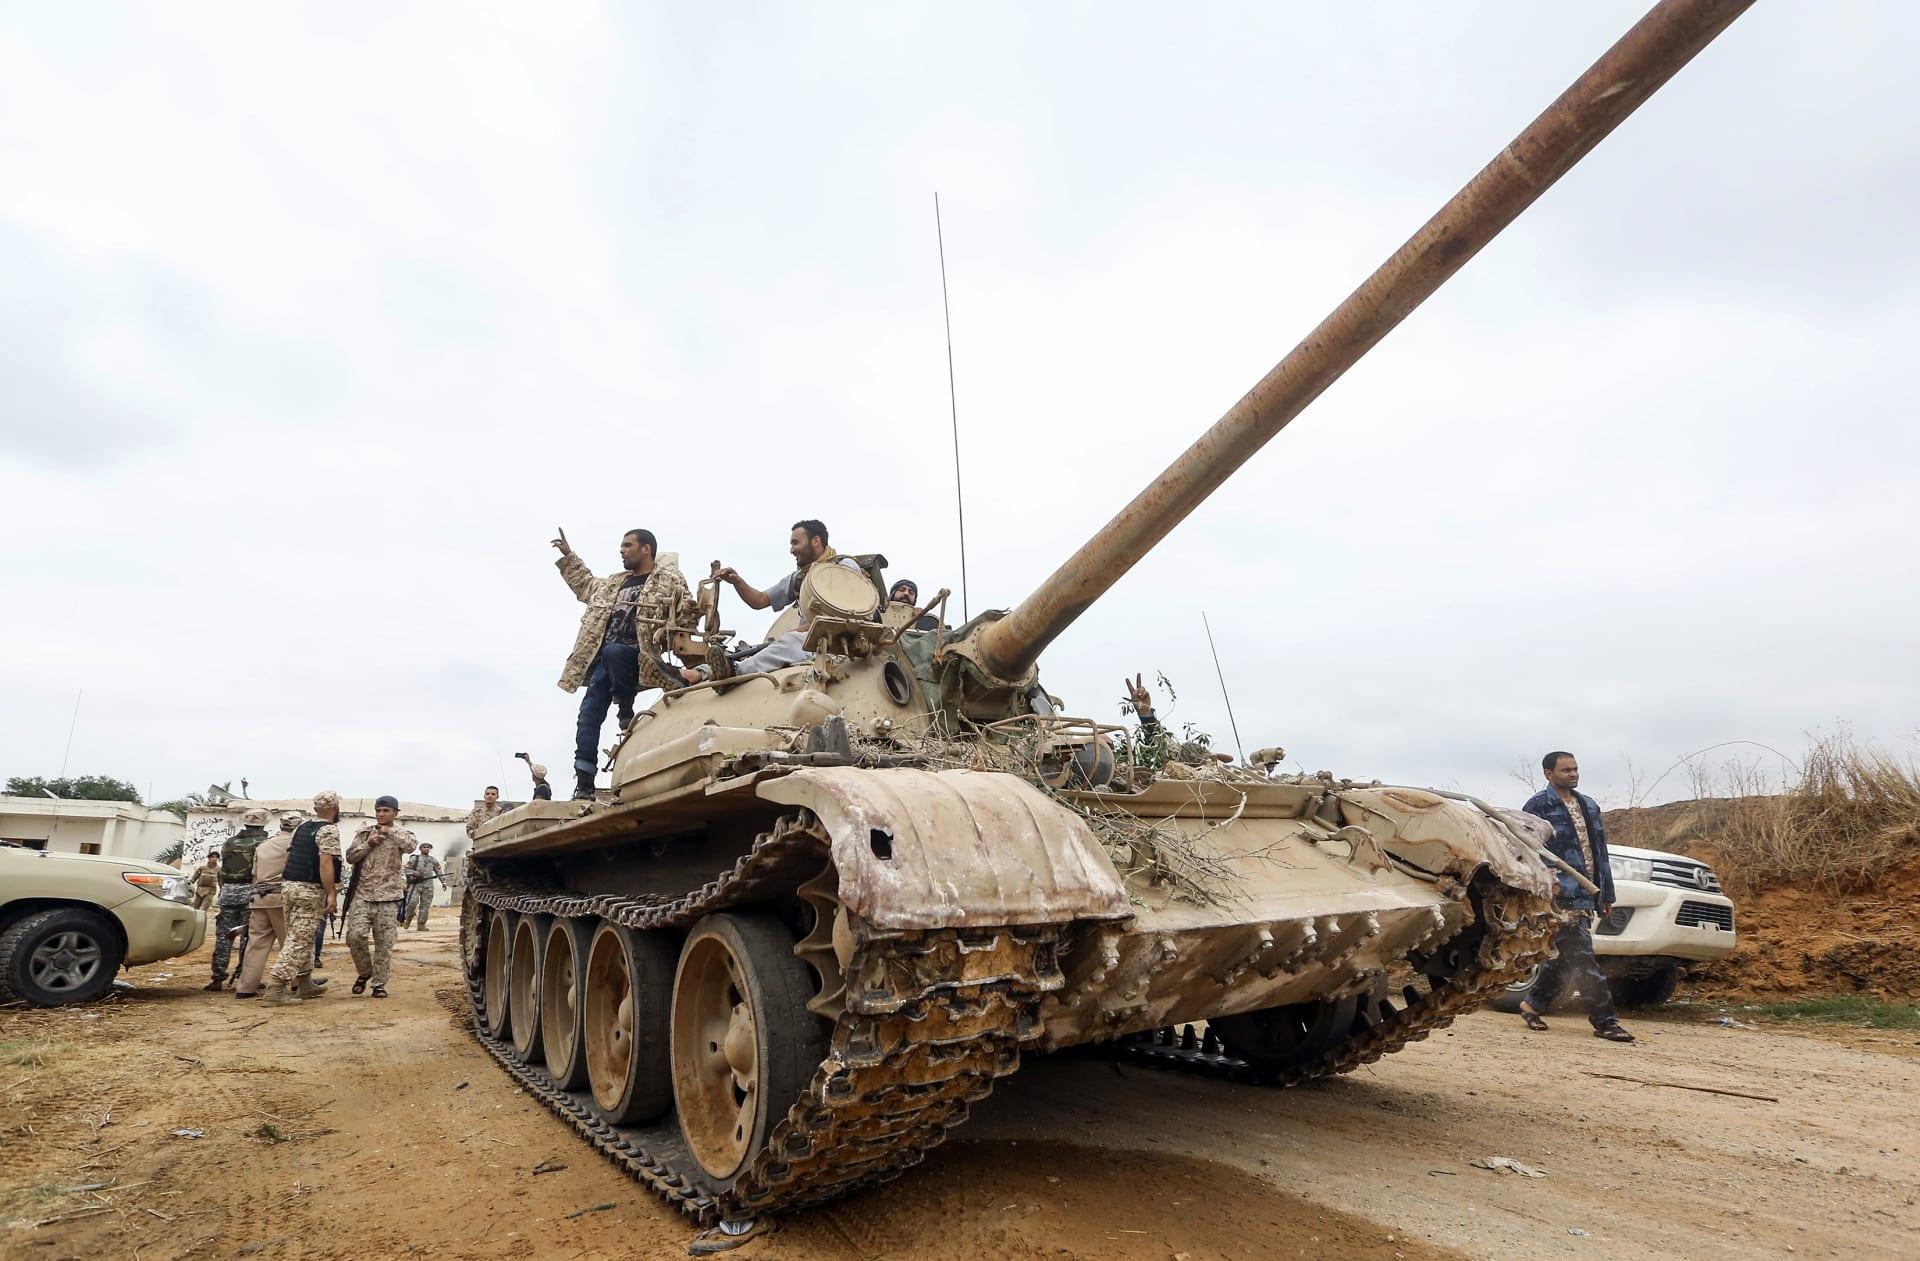 إيطاليا تحتجز قائد سفينة لبنانية بشبهة تهريب أسلحة بين تركيا وليبيا